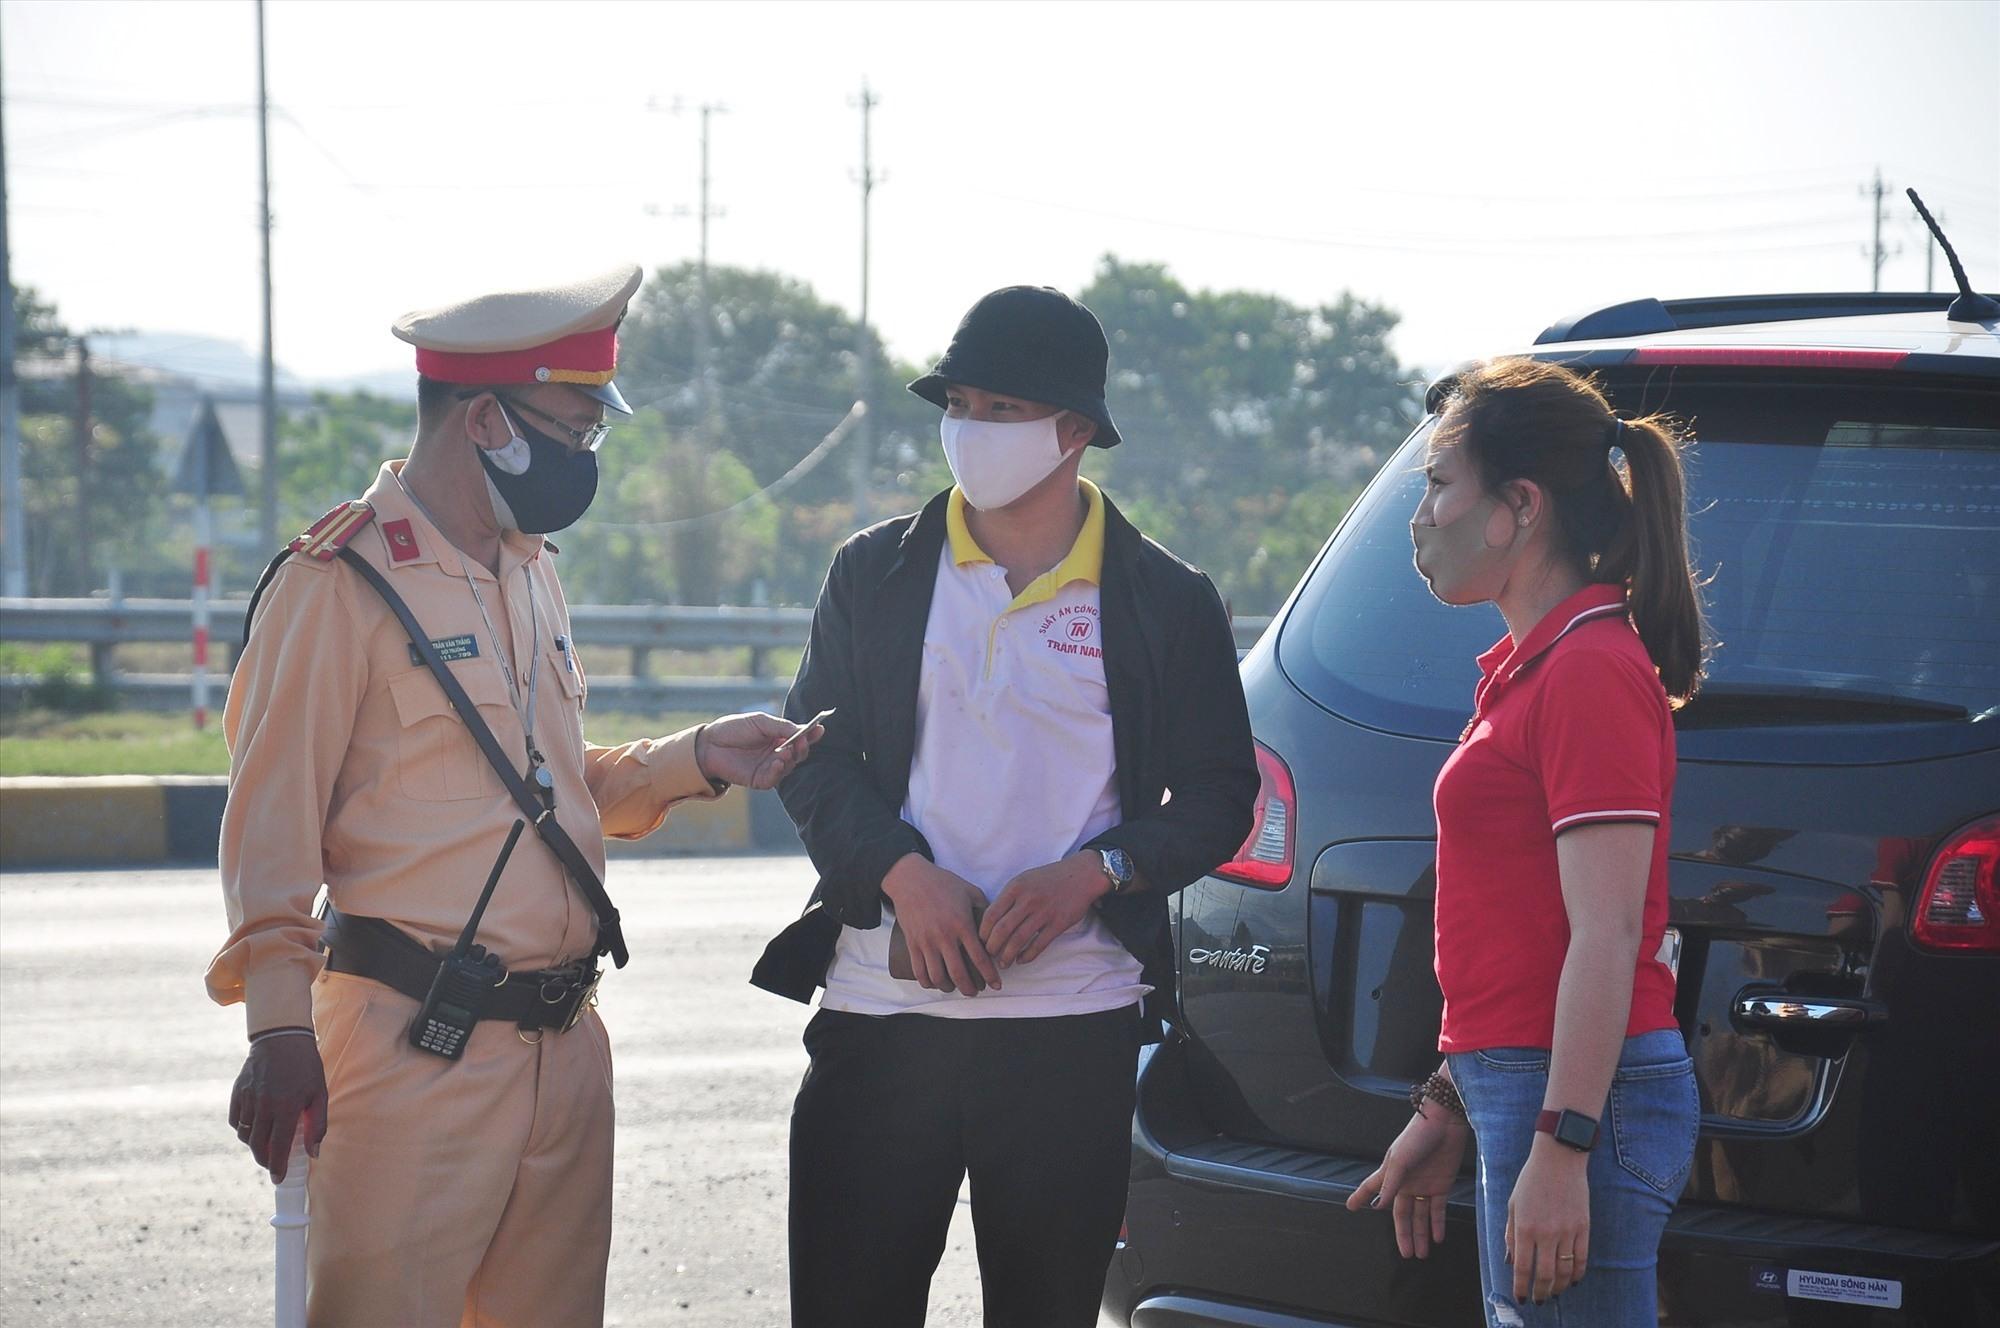 Lực lượng CSGT tham gia điều tiết giao thông, hướng dẫn người dân chấp hành quy định về khai báo y tế. Ảnh: V.A